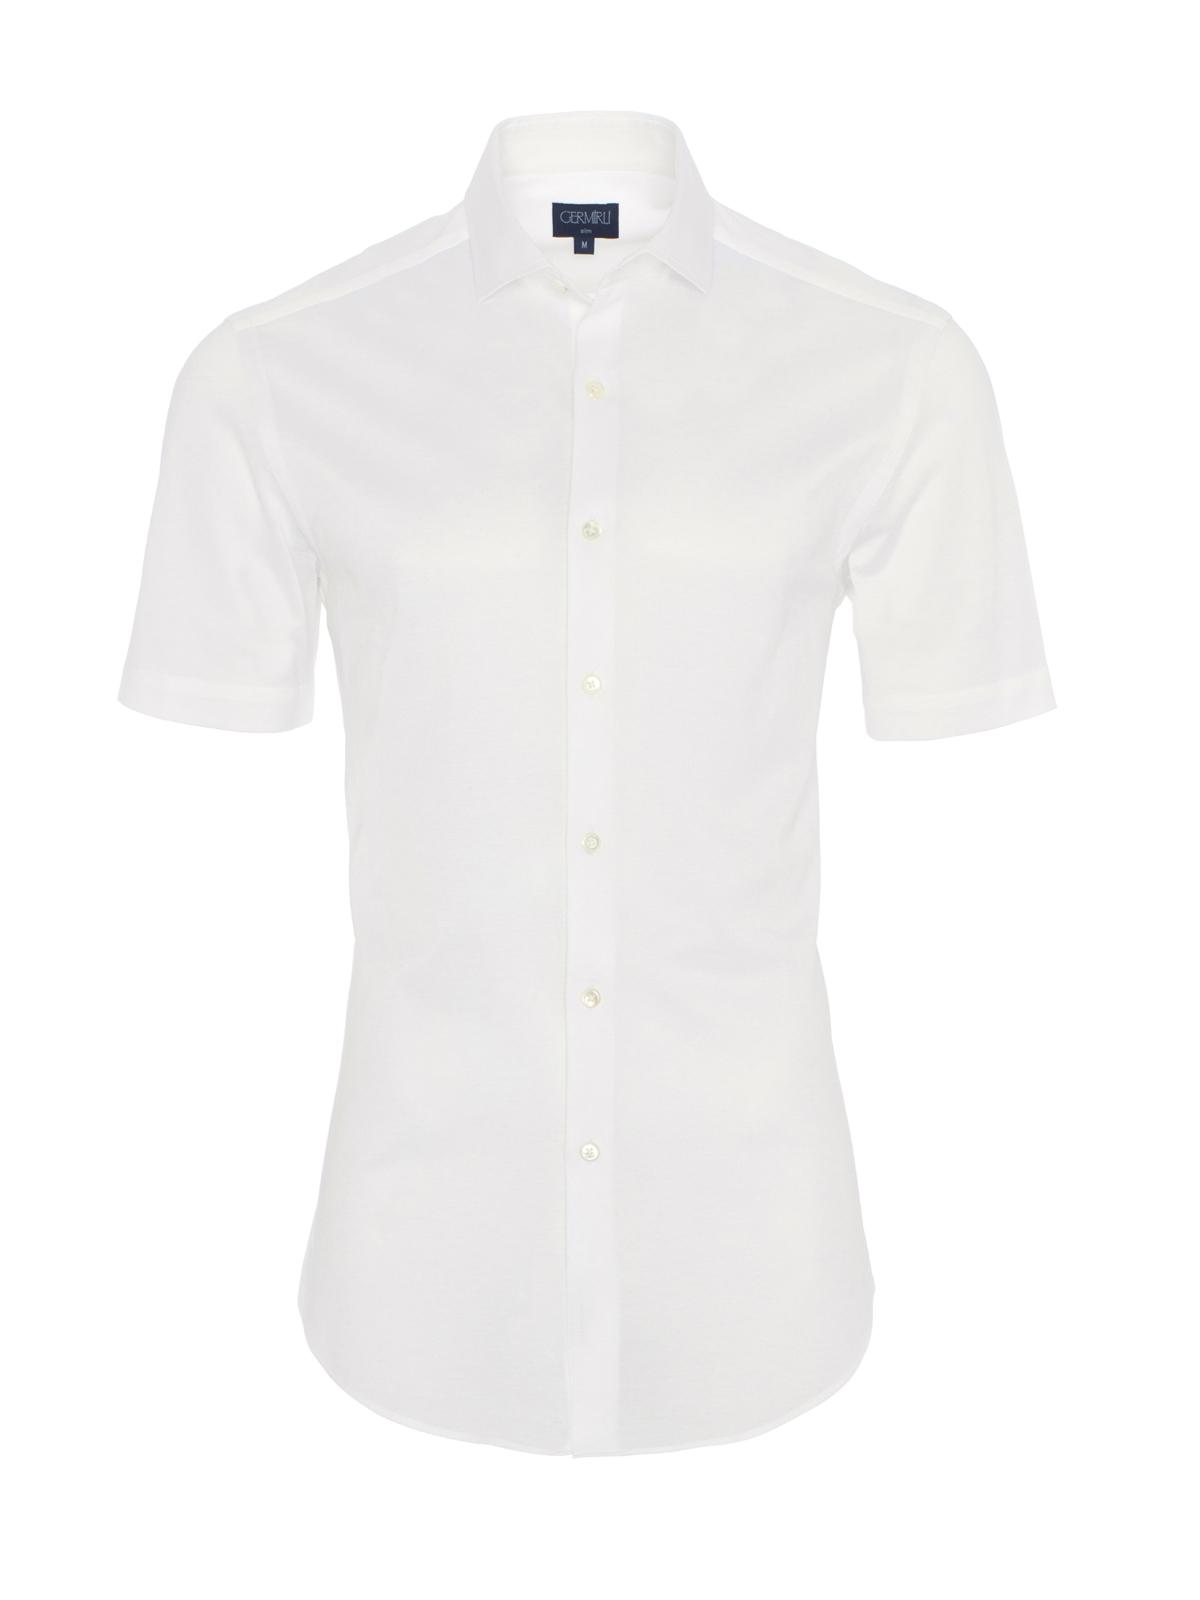 Germirli - Germirli Beyaz Klasik Yaka Örme Kısa Kollu Slim Fit Gömlek